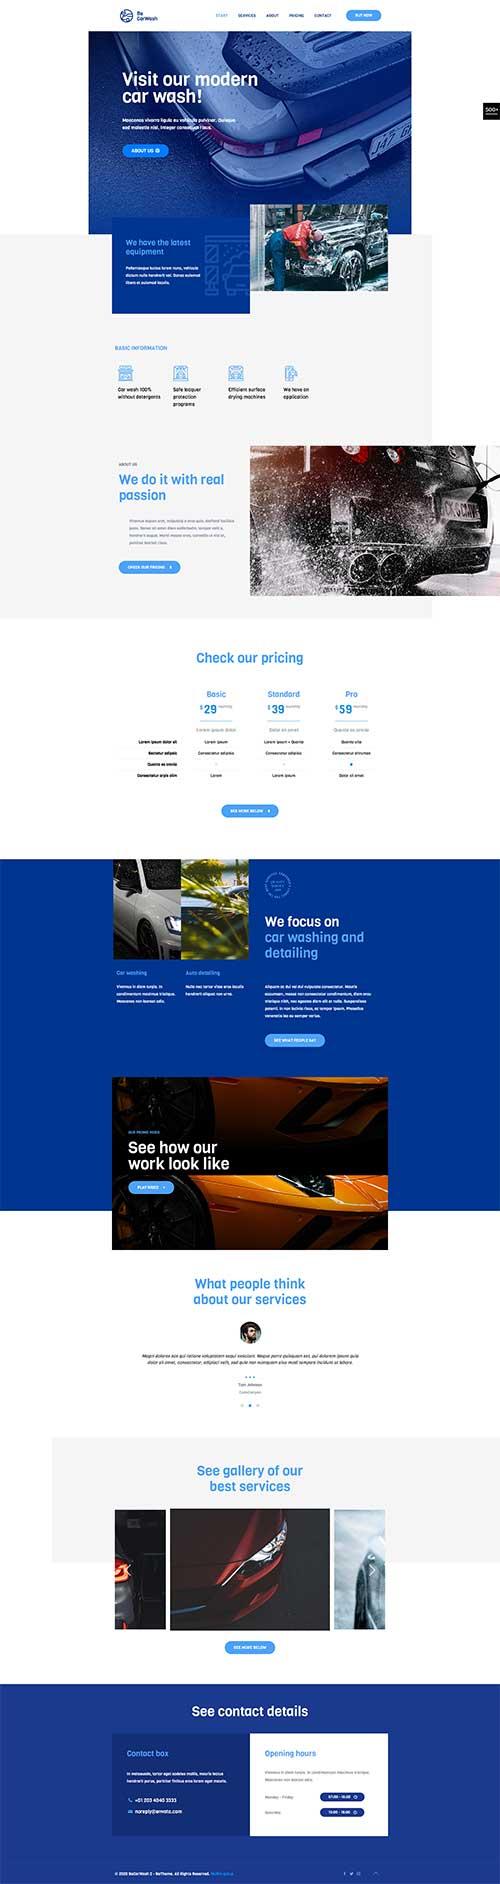 Website Dịch vụ rửa xe siêu sạch và uy tín